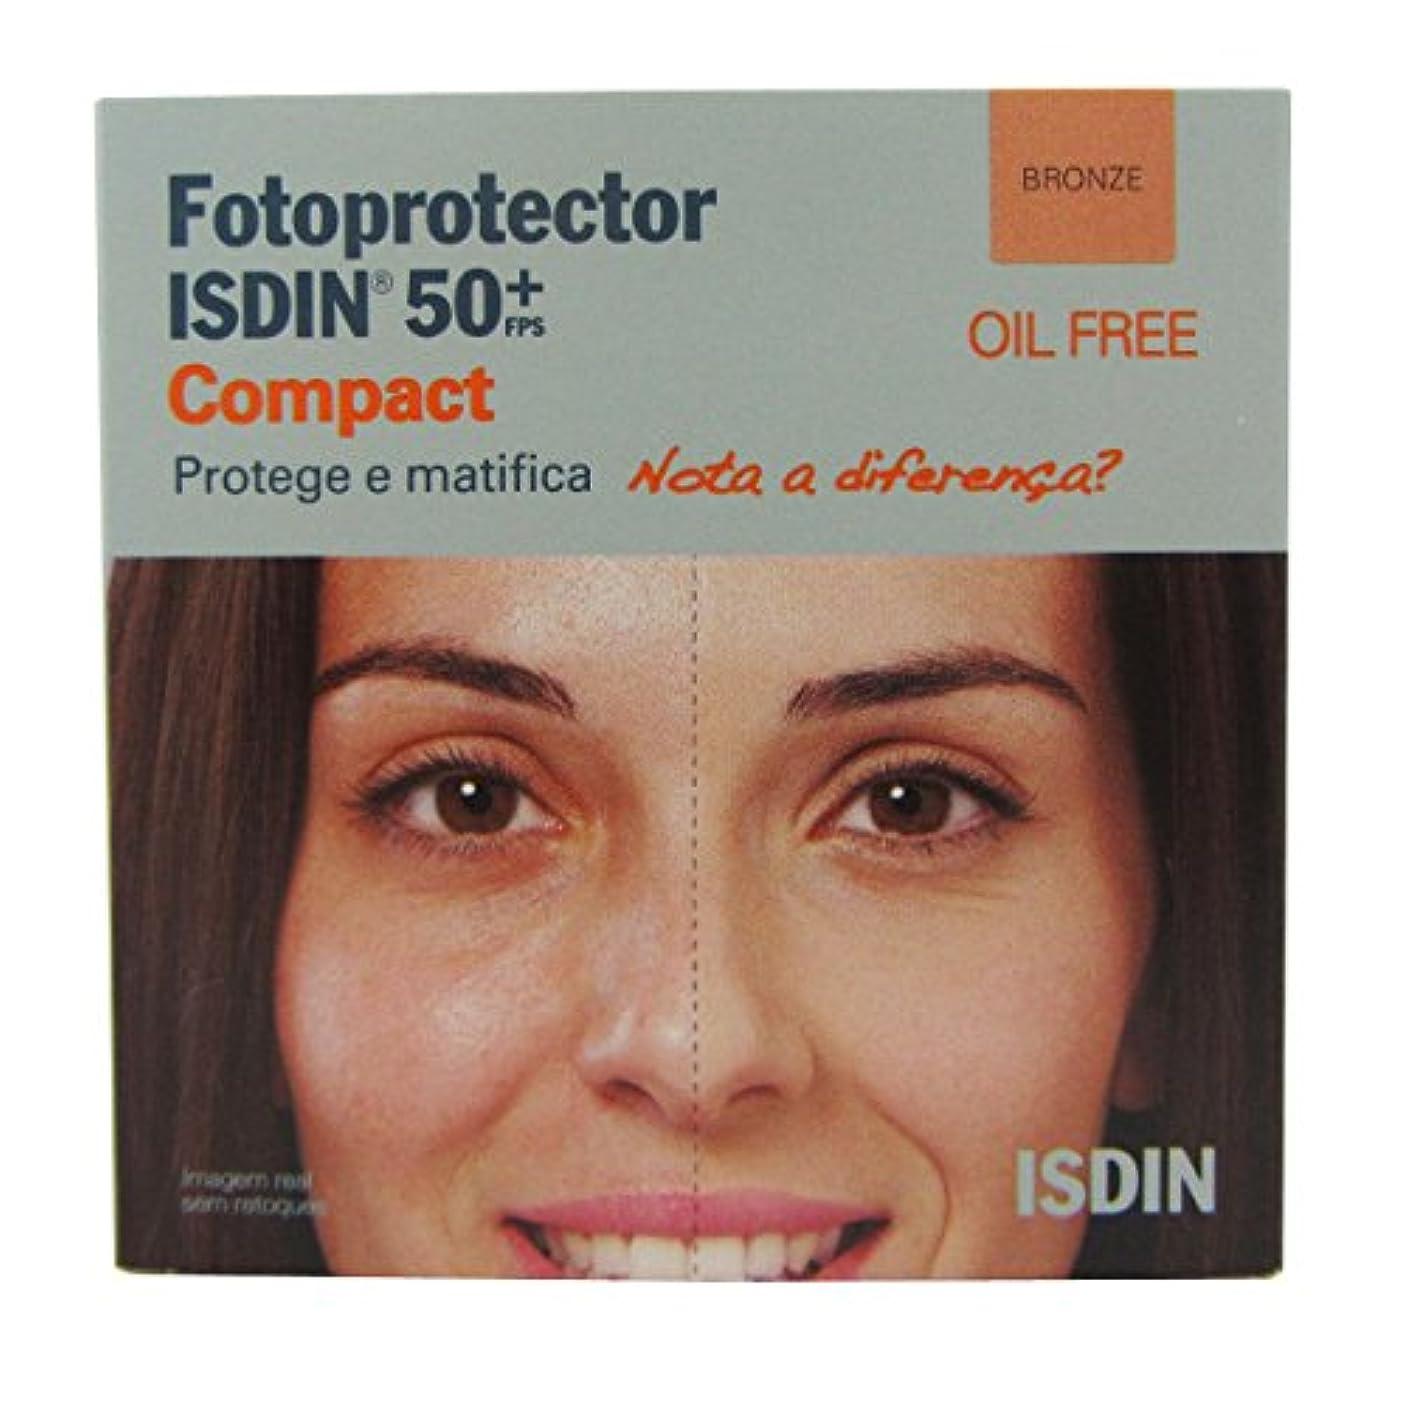 わがまま暖炉野ウサギIsdin Photoprotector Compact 50+ Bronz 10g [並行輸入品]